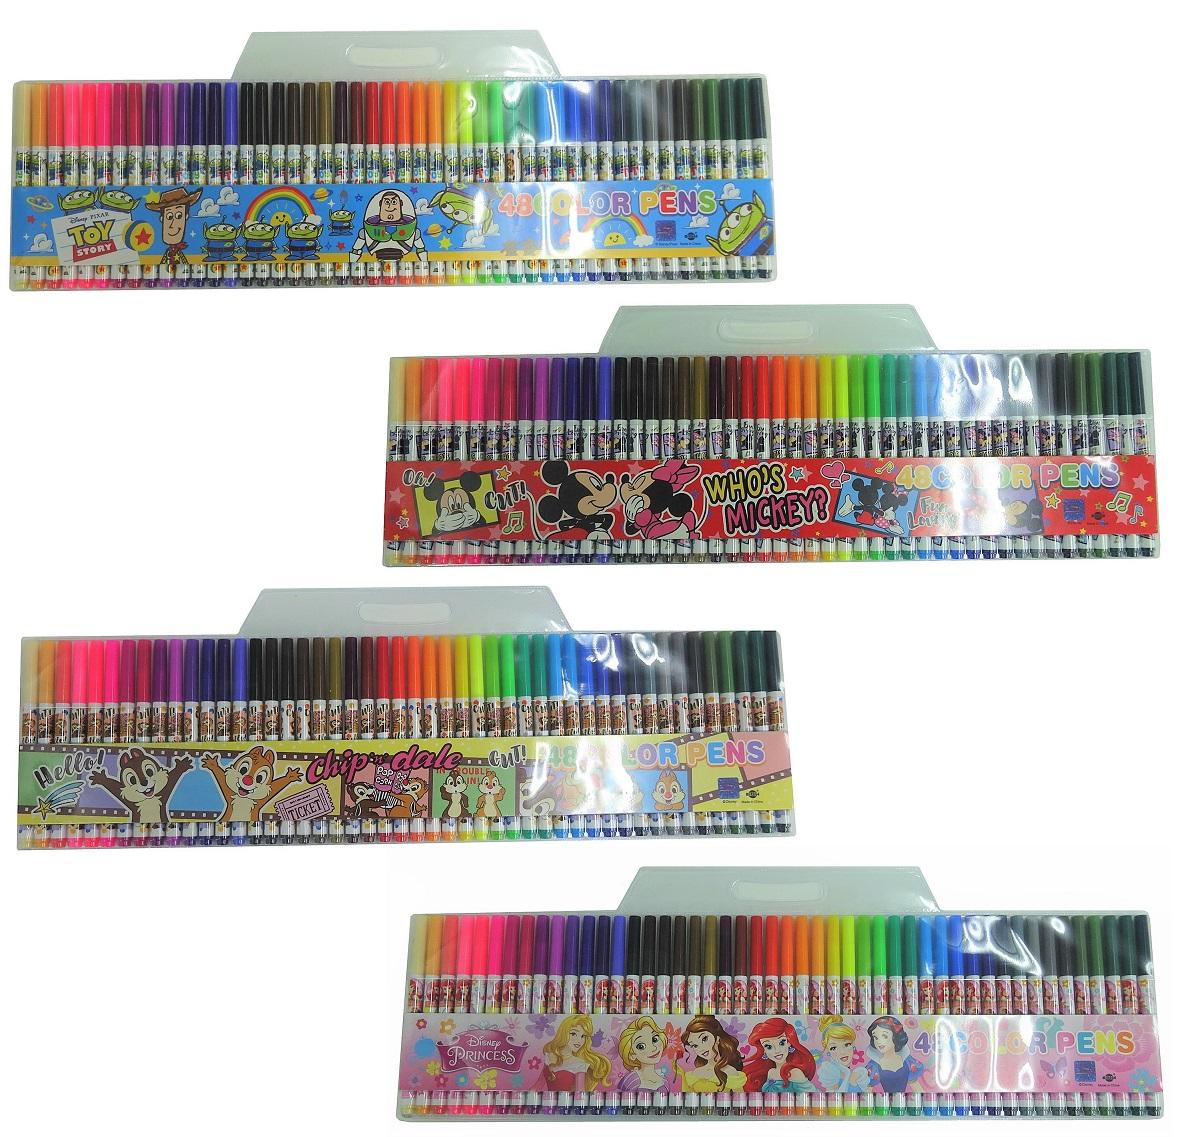 ディズニー 48色水性ペンセット